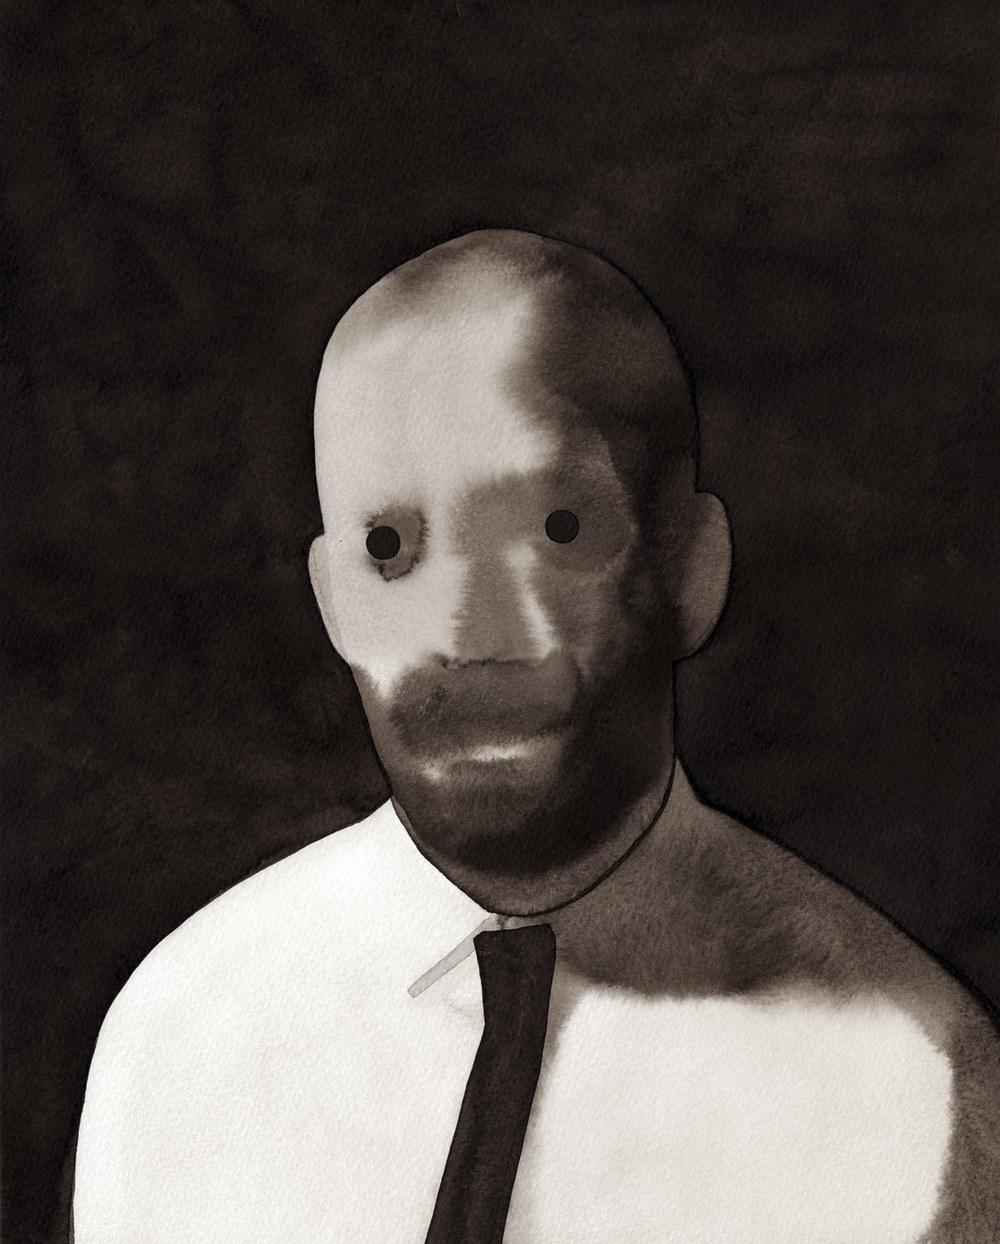 Autorretrato (A punto de llorar), 2011